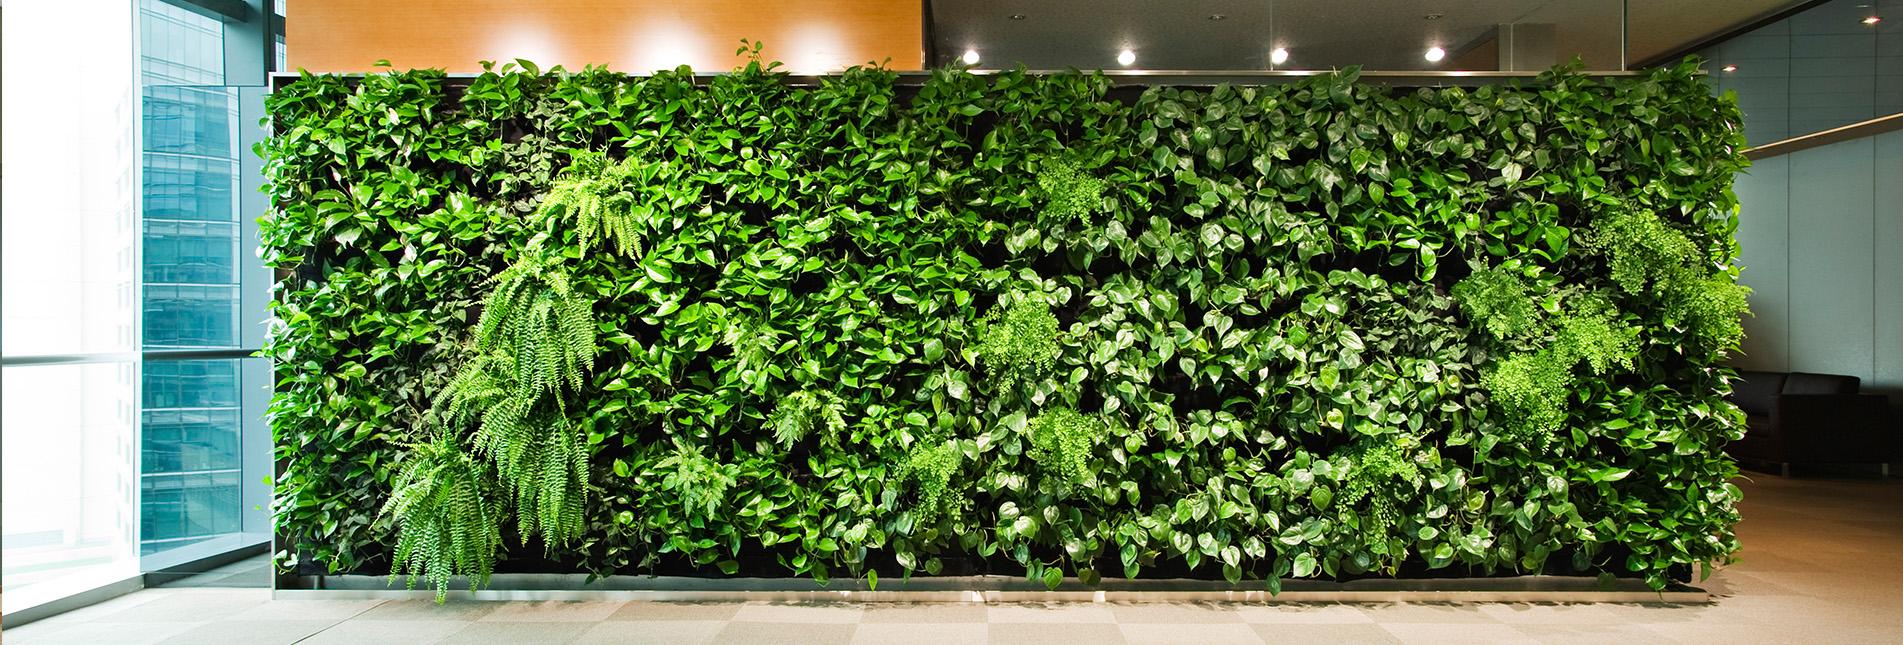 植物墙设计方案应该注意哪些?